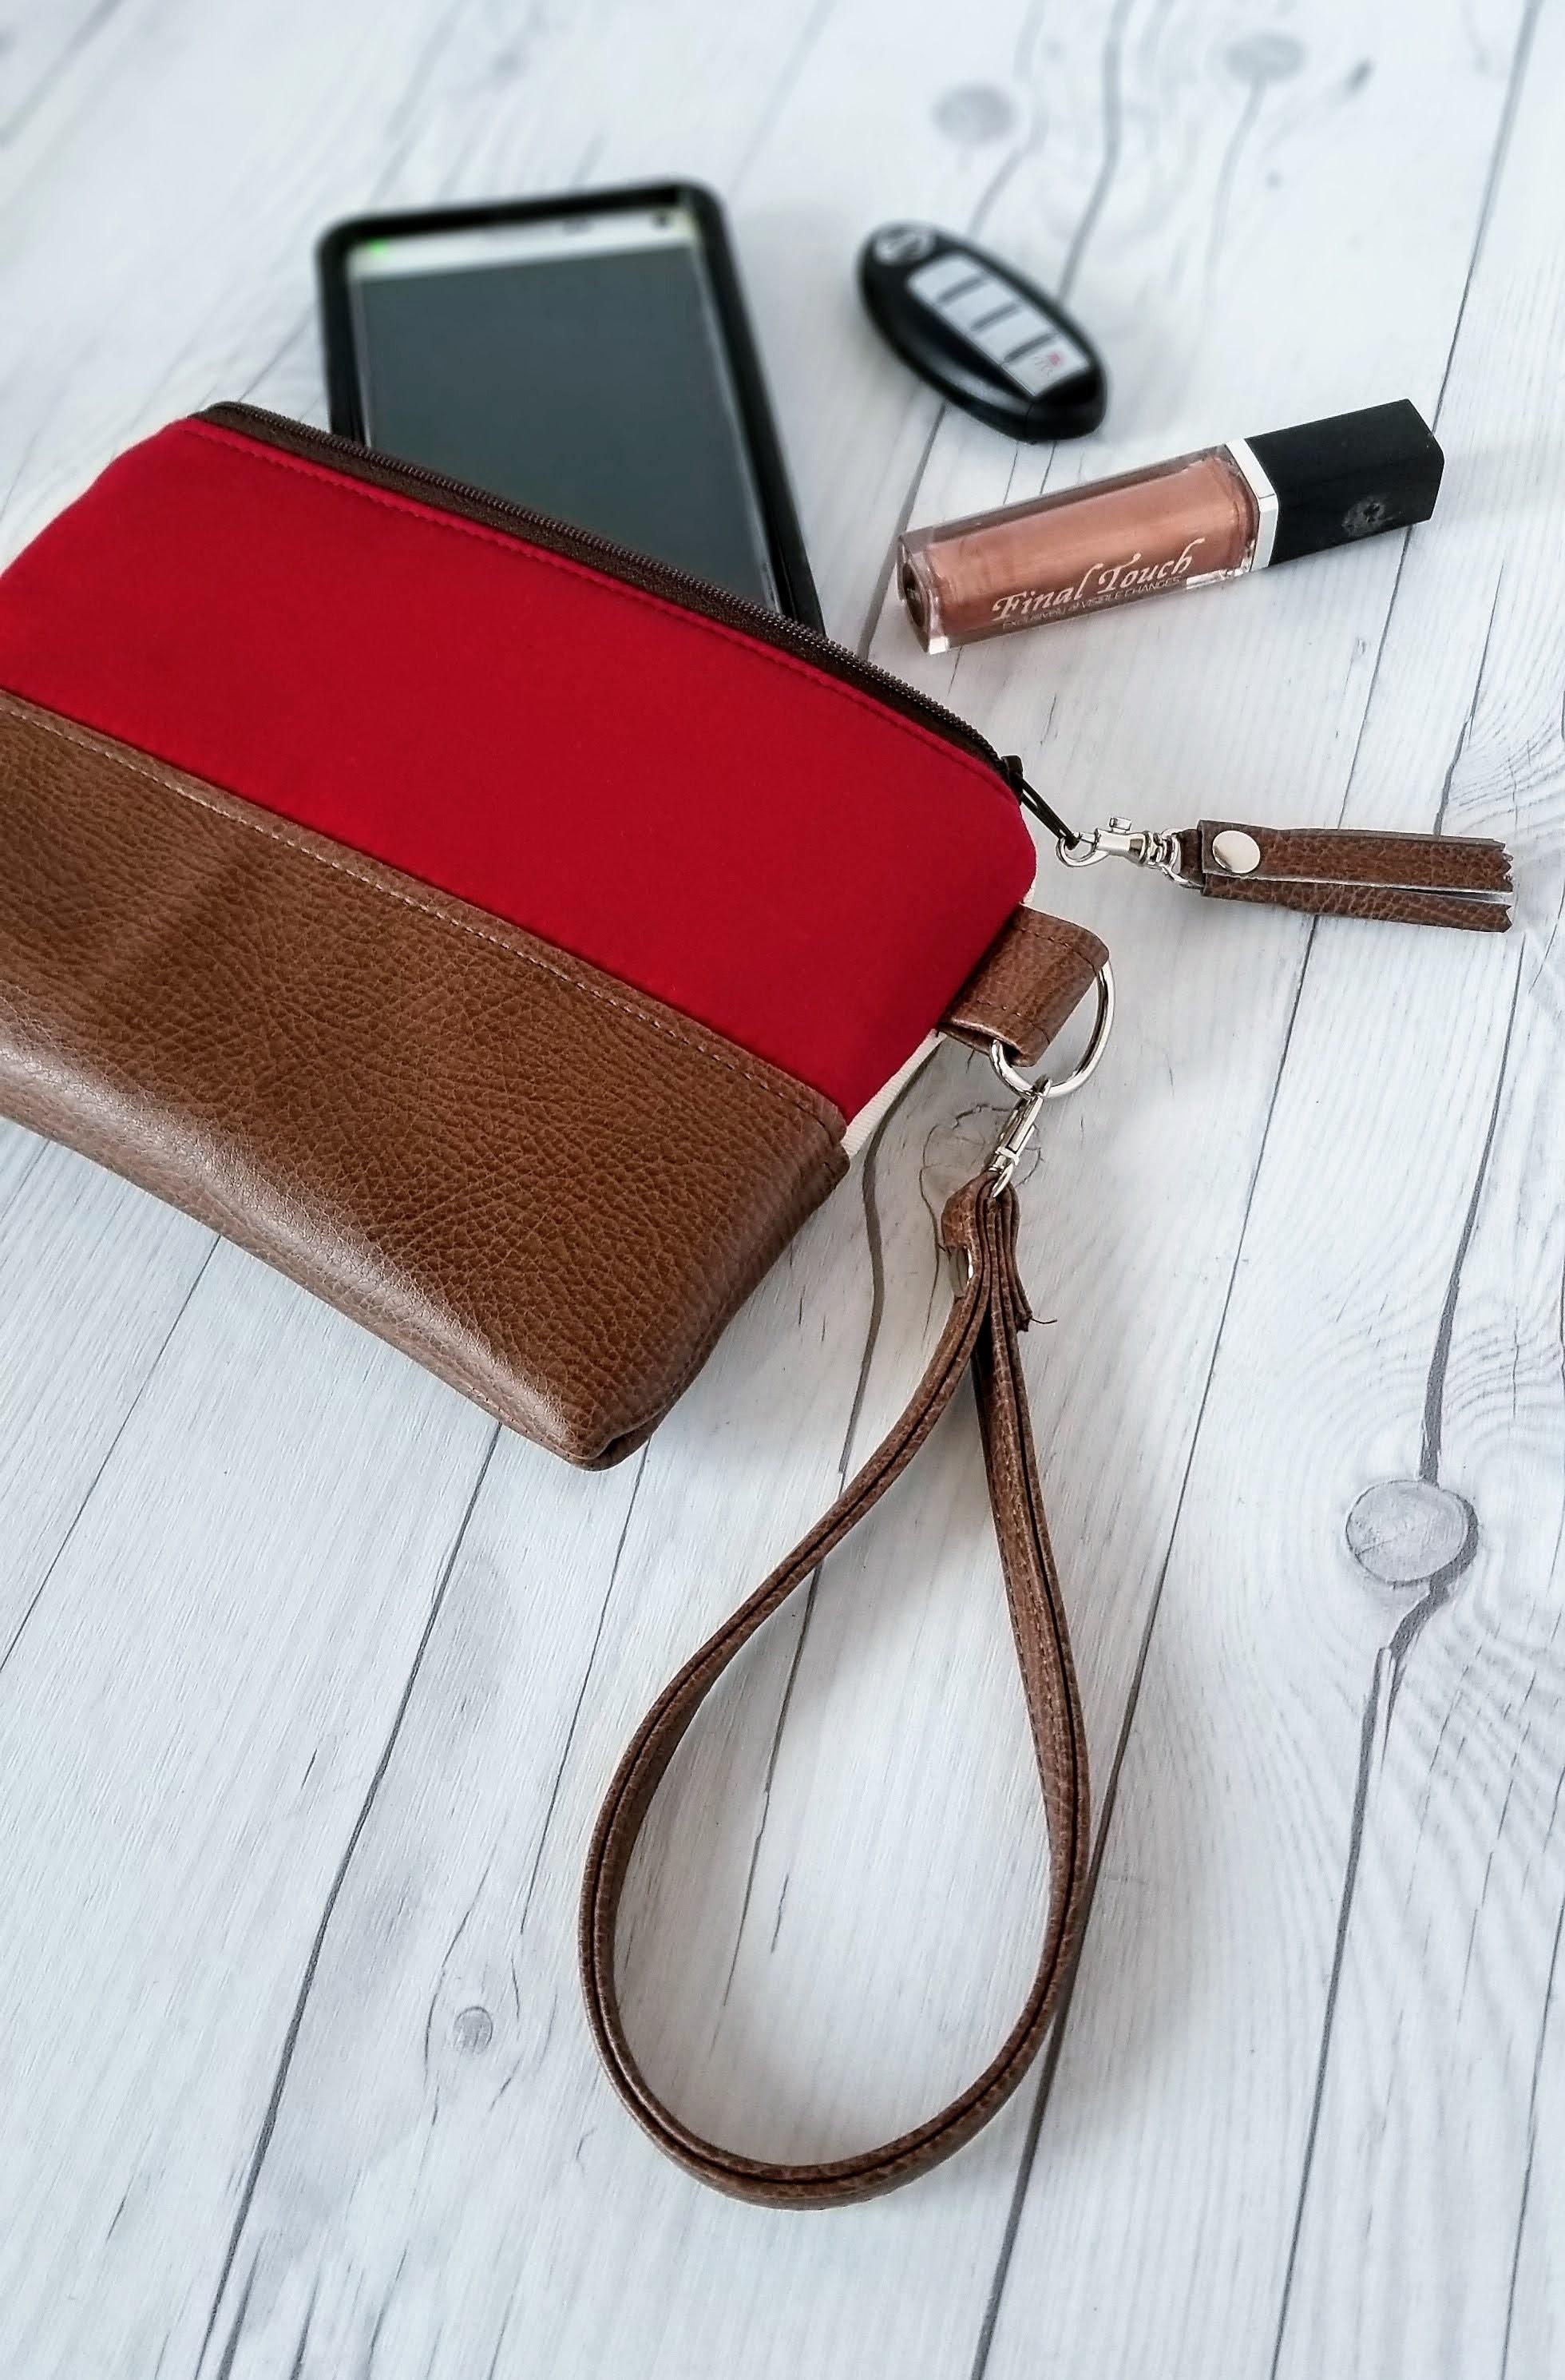 Tan Red Wristlet - Wristlet Wallet - Womens Wallet - Faux Leather ... b7c72531bdbc0